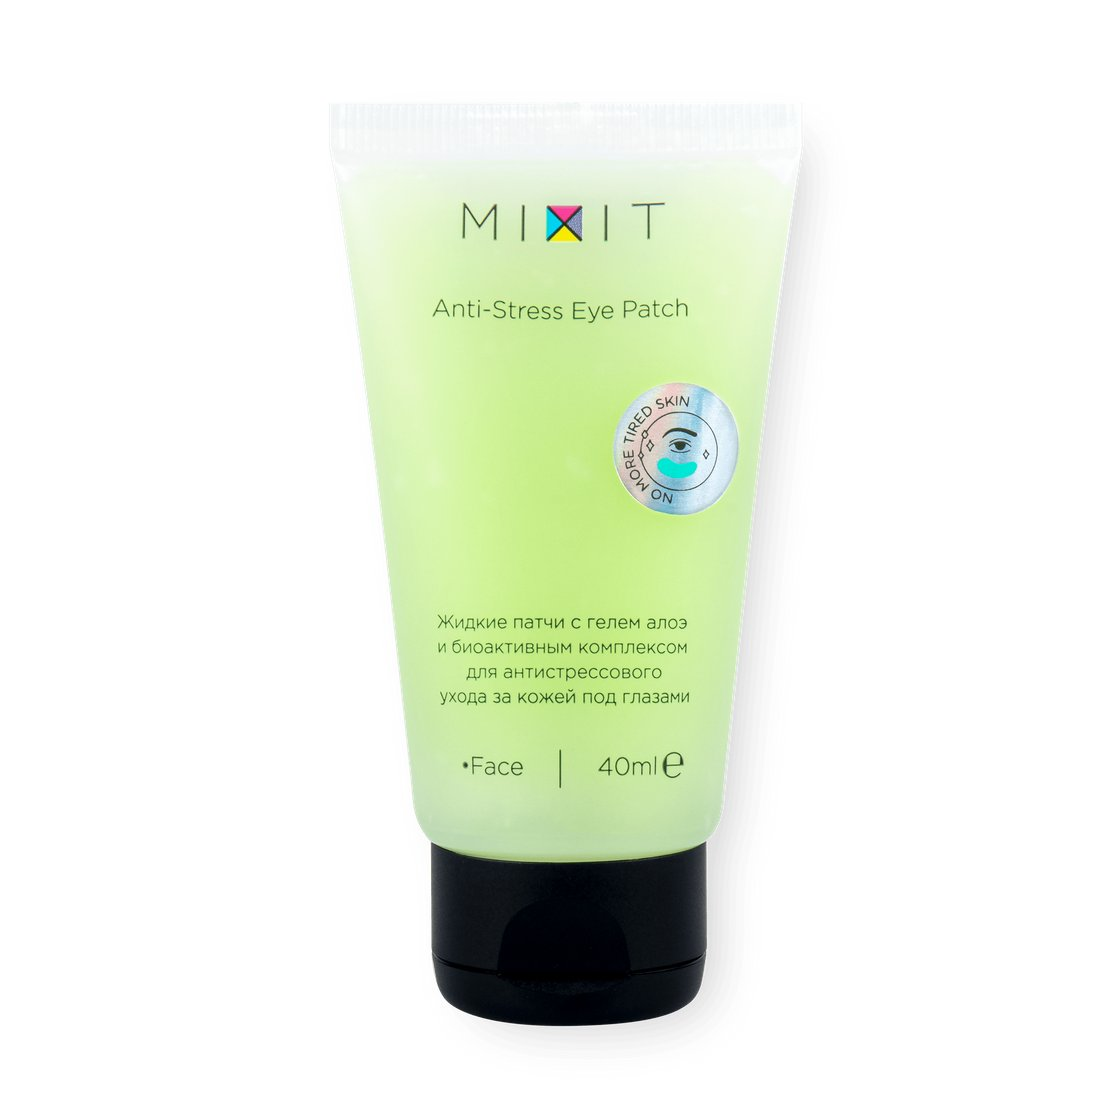 Жидкие патчи для антистрессового ухода за кожей под глазами, 40 мл Mixit